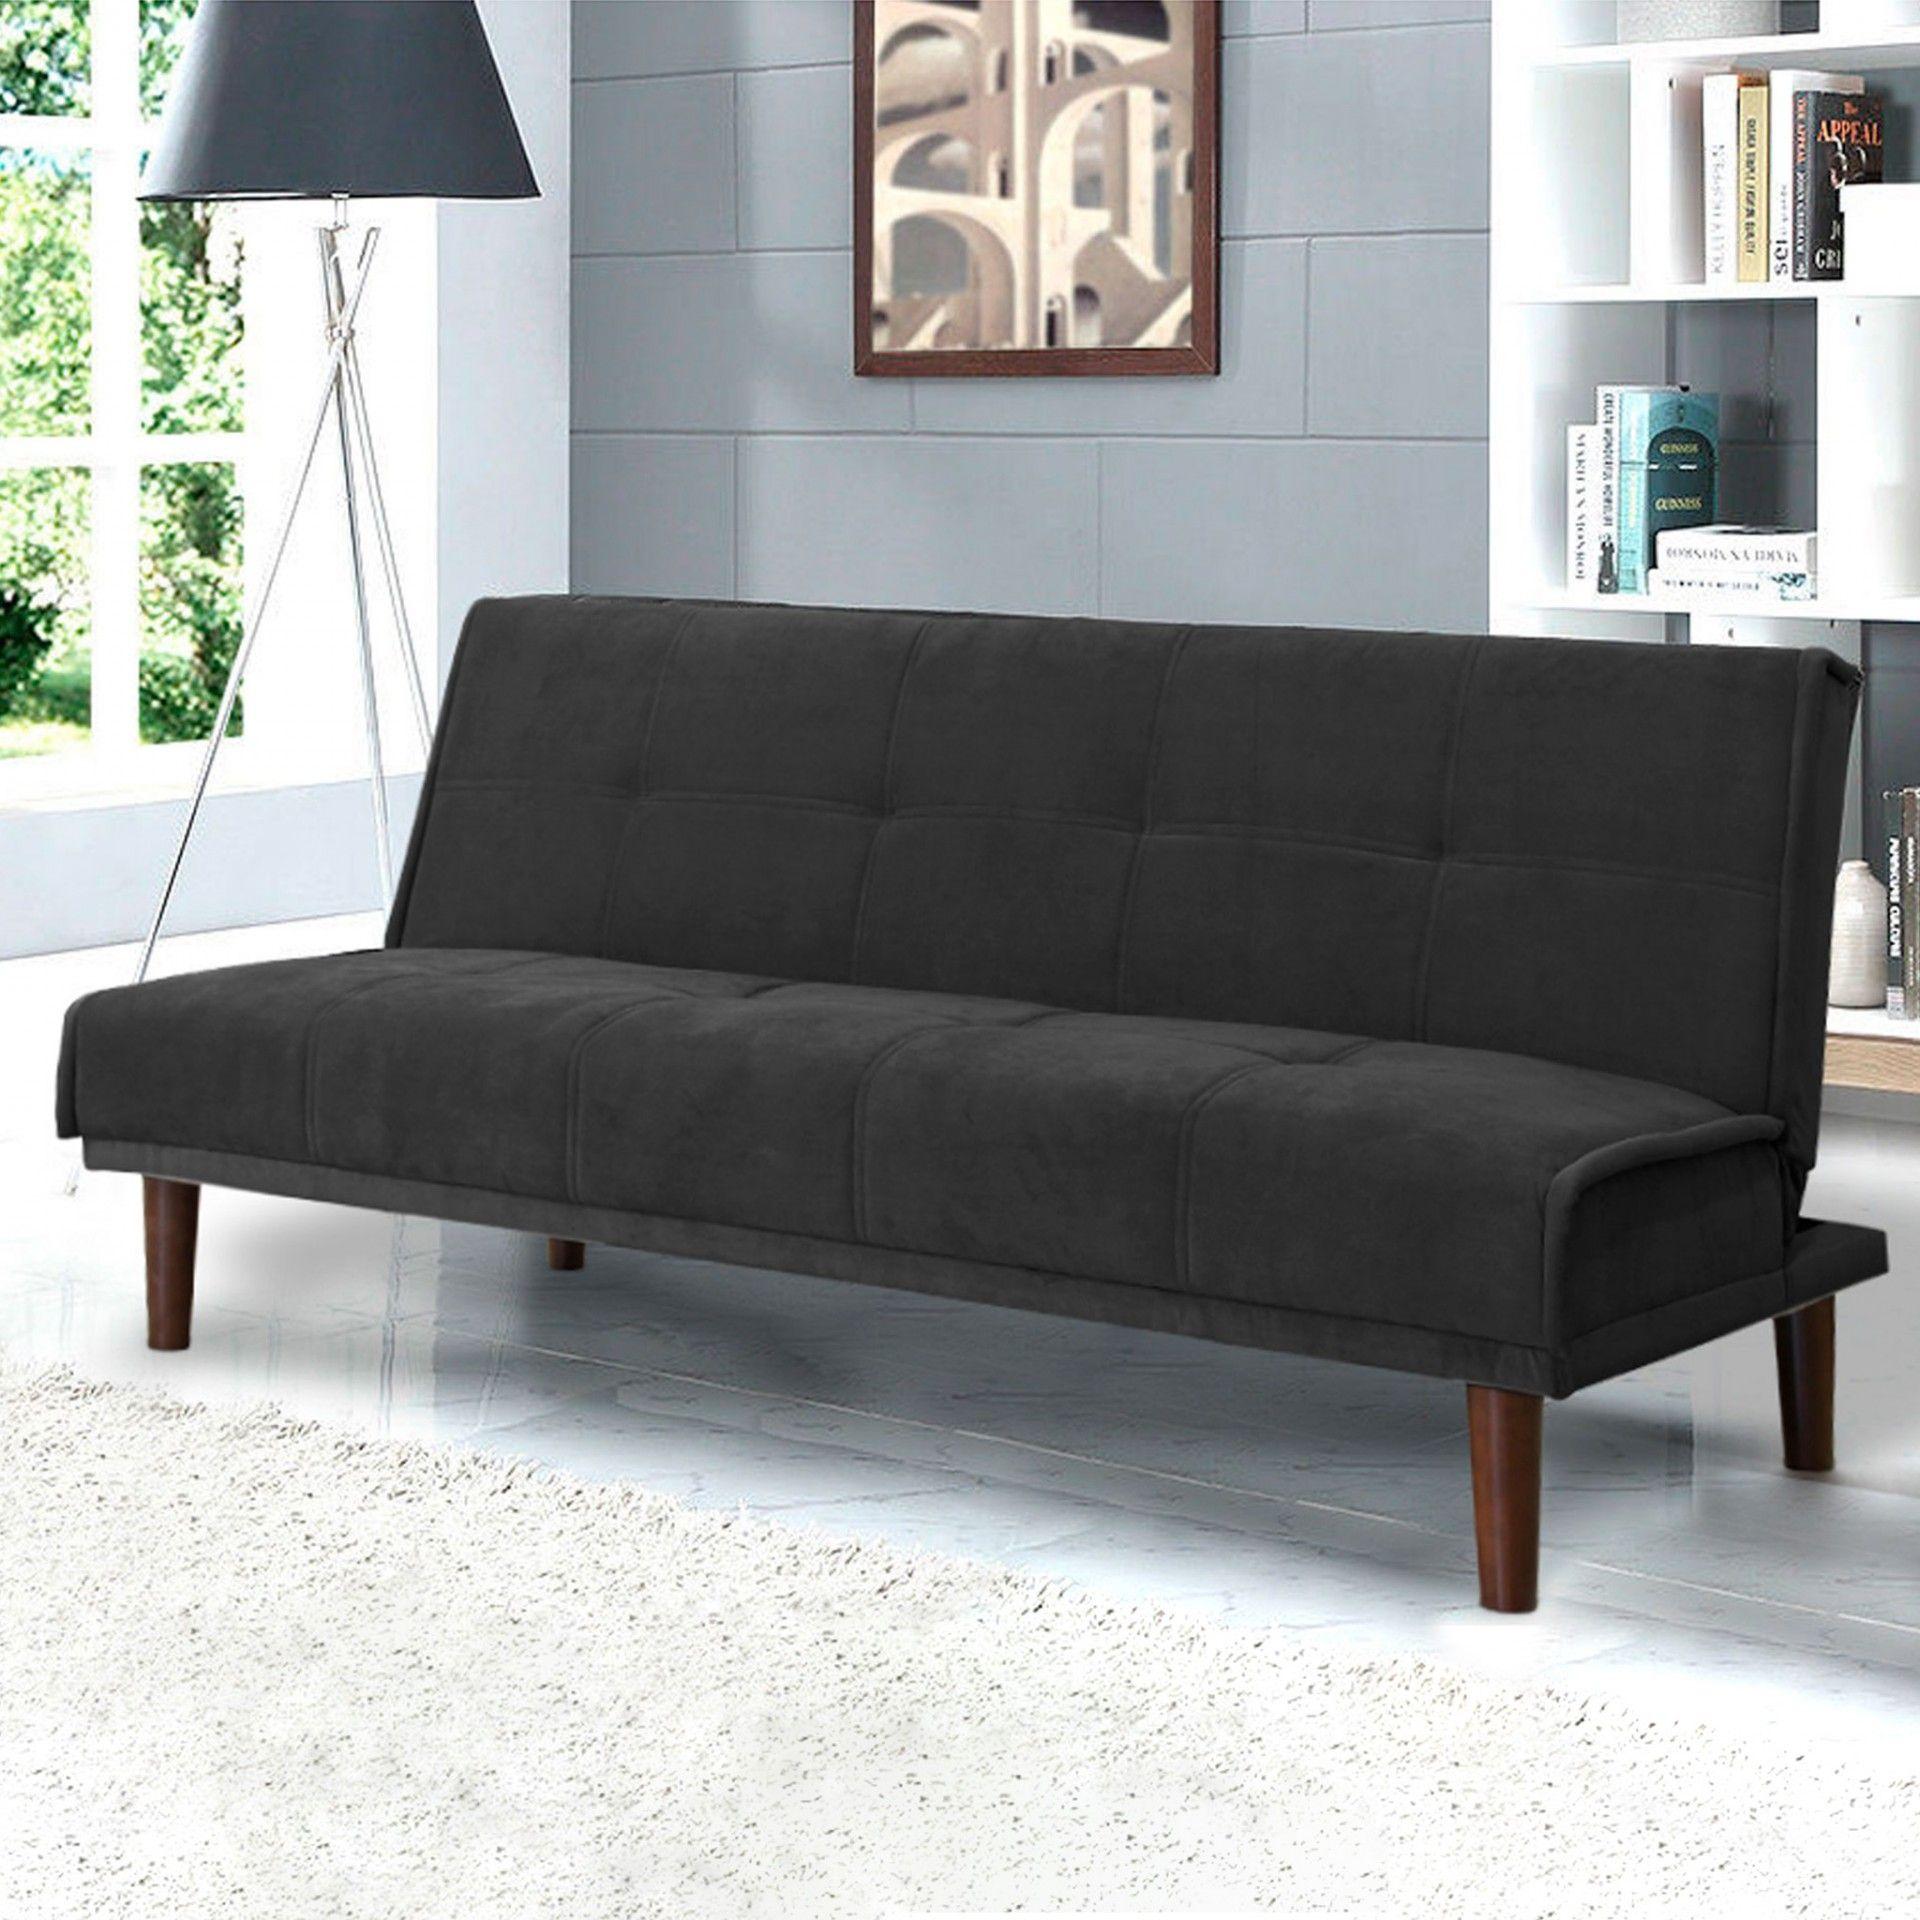 5 aspetos a ter em conta quando for comprar um sofá